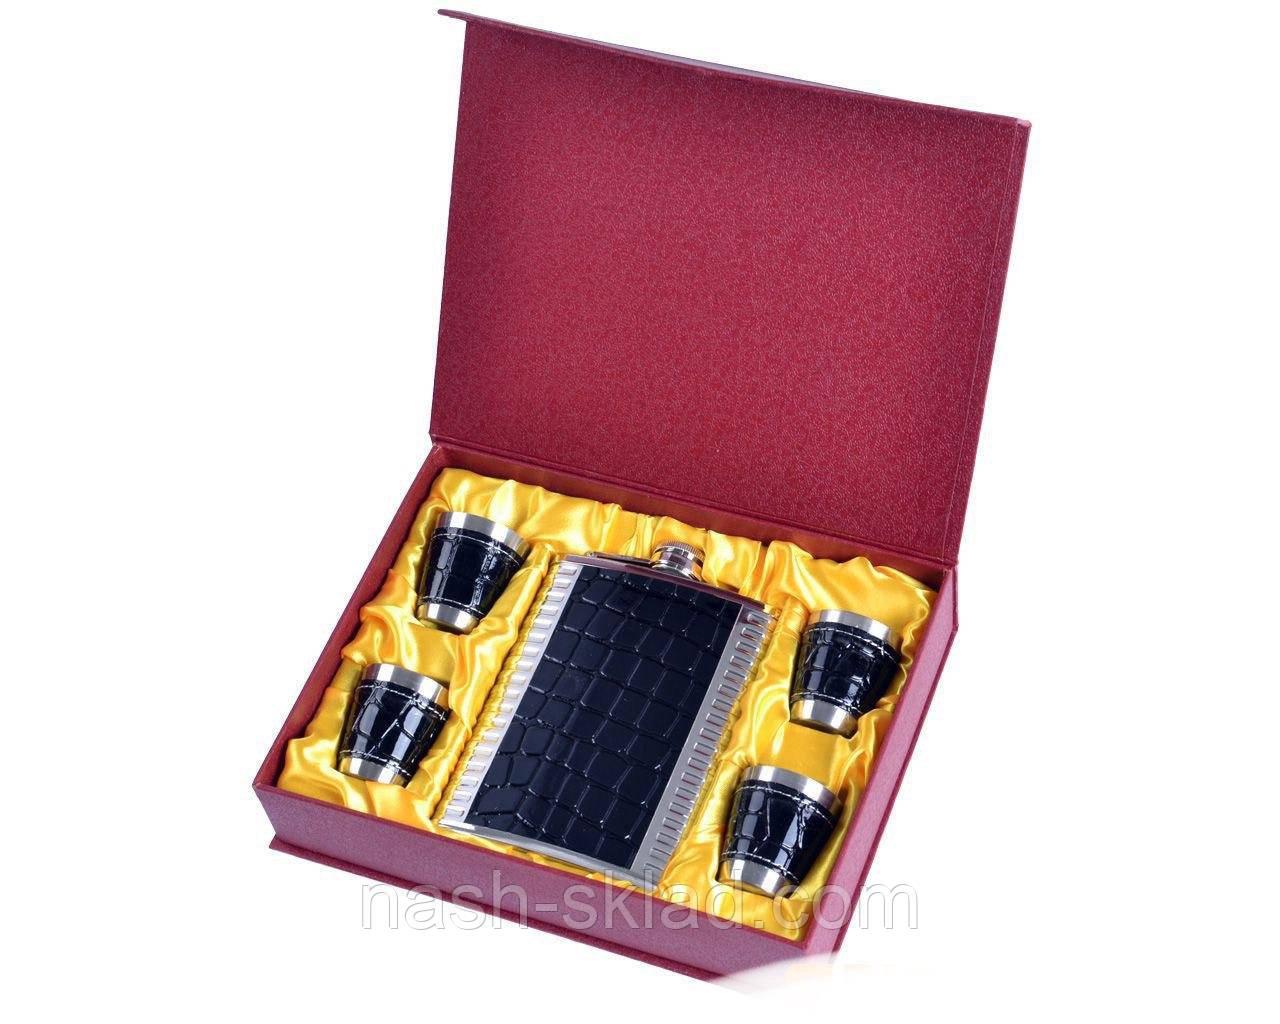 Подарочный набор Металлическая Фляга с кожаными вставками дизайна Черной Змеи